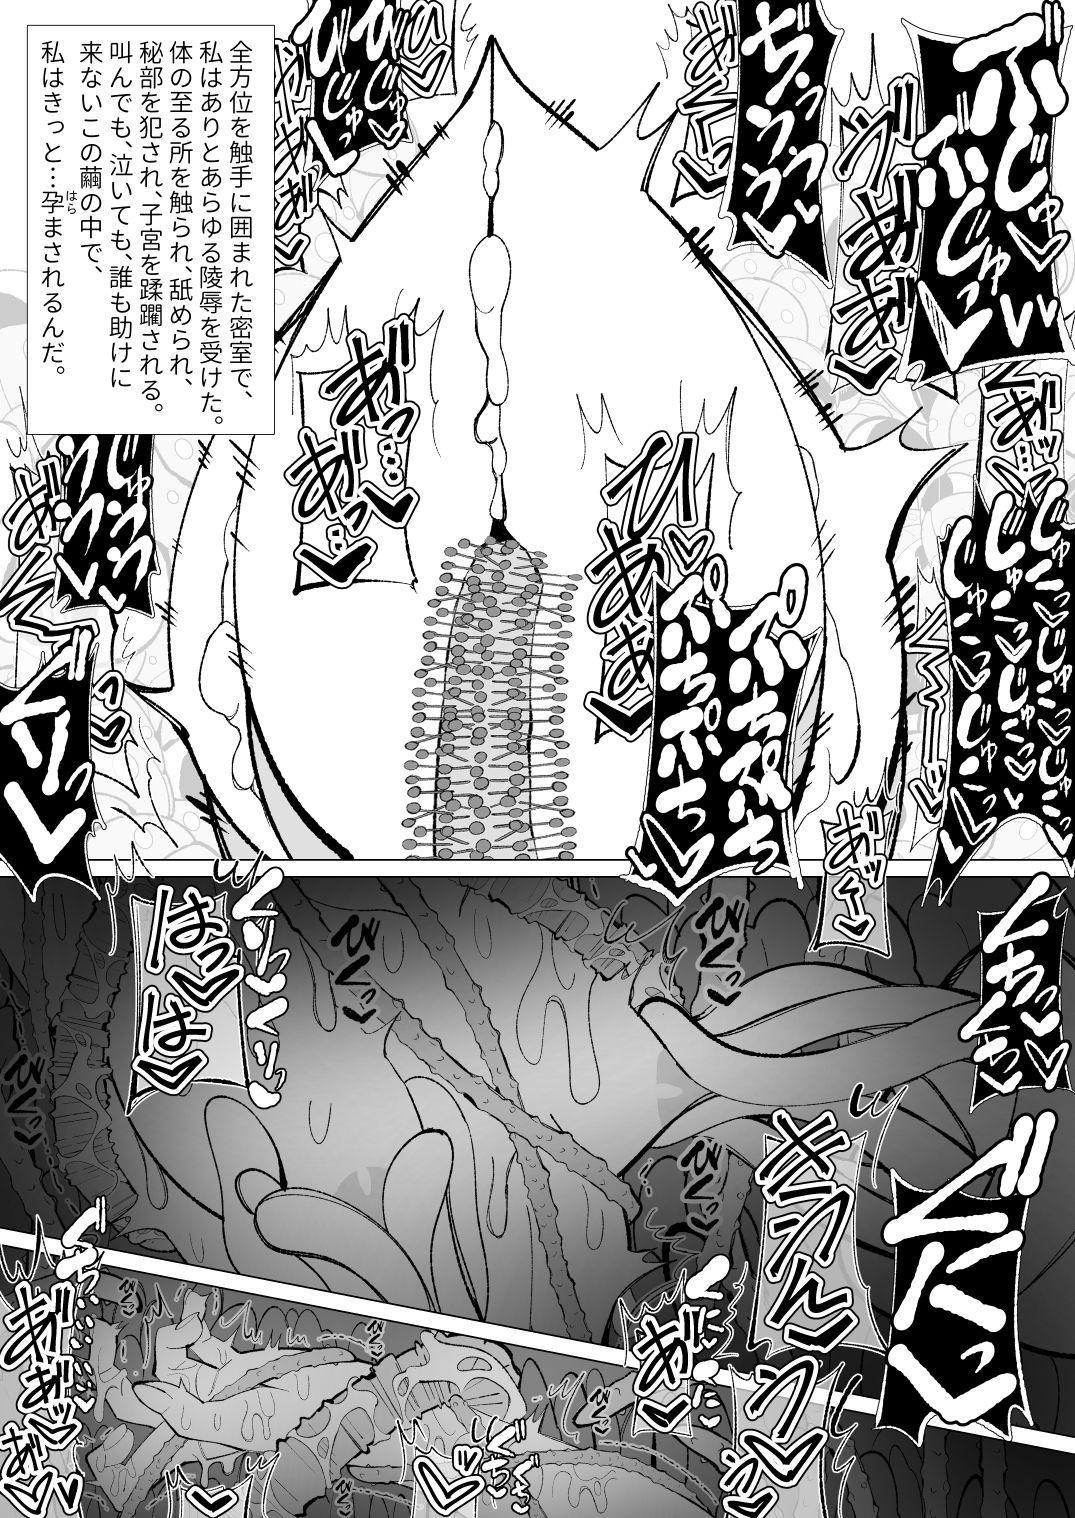 Ishu kan fūzoku-gai3 shokubutsu shokushu × rori 52